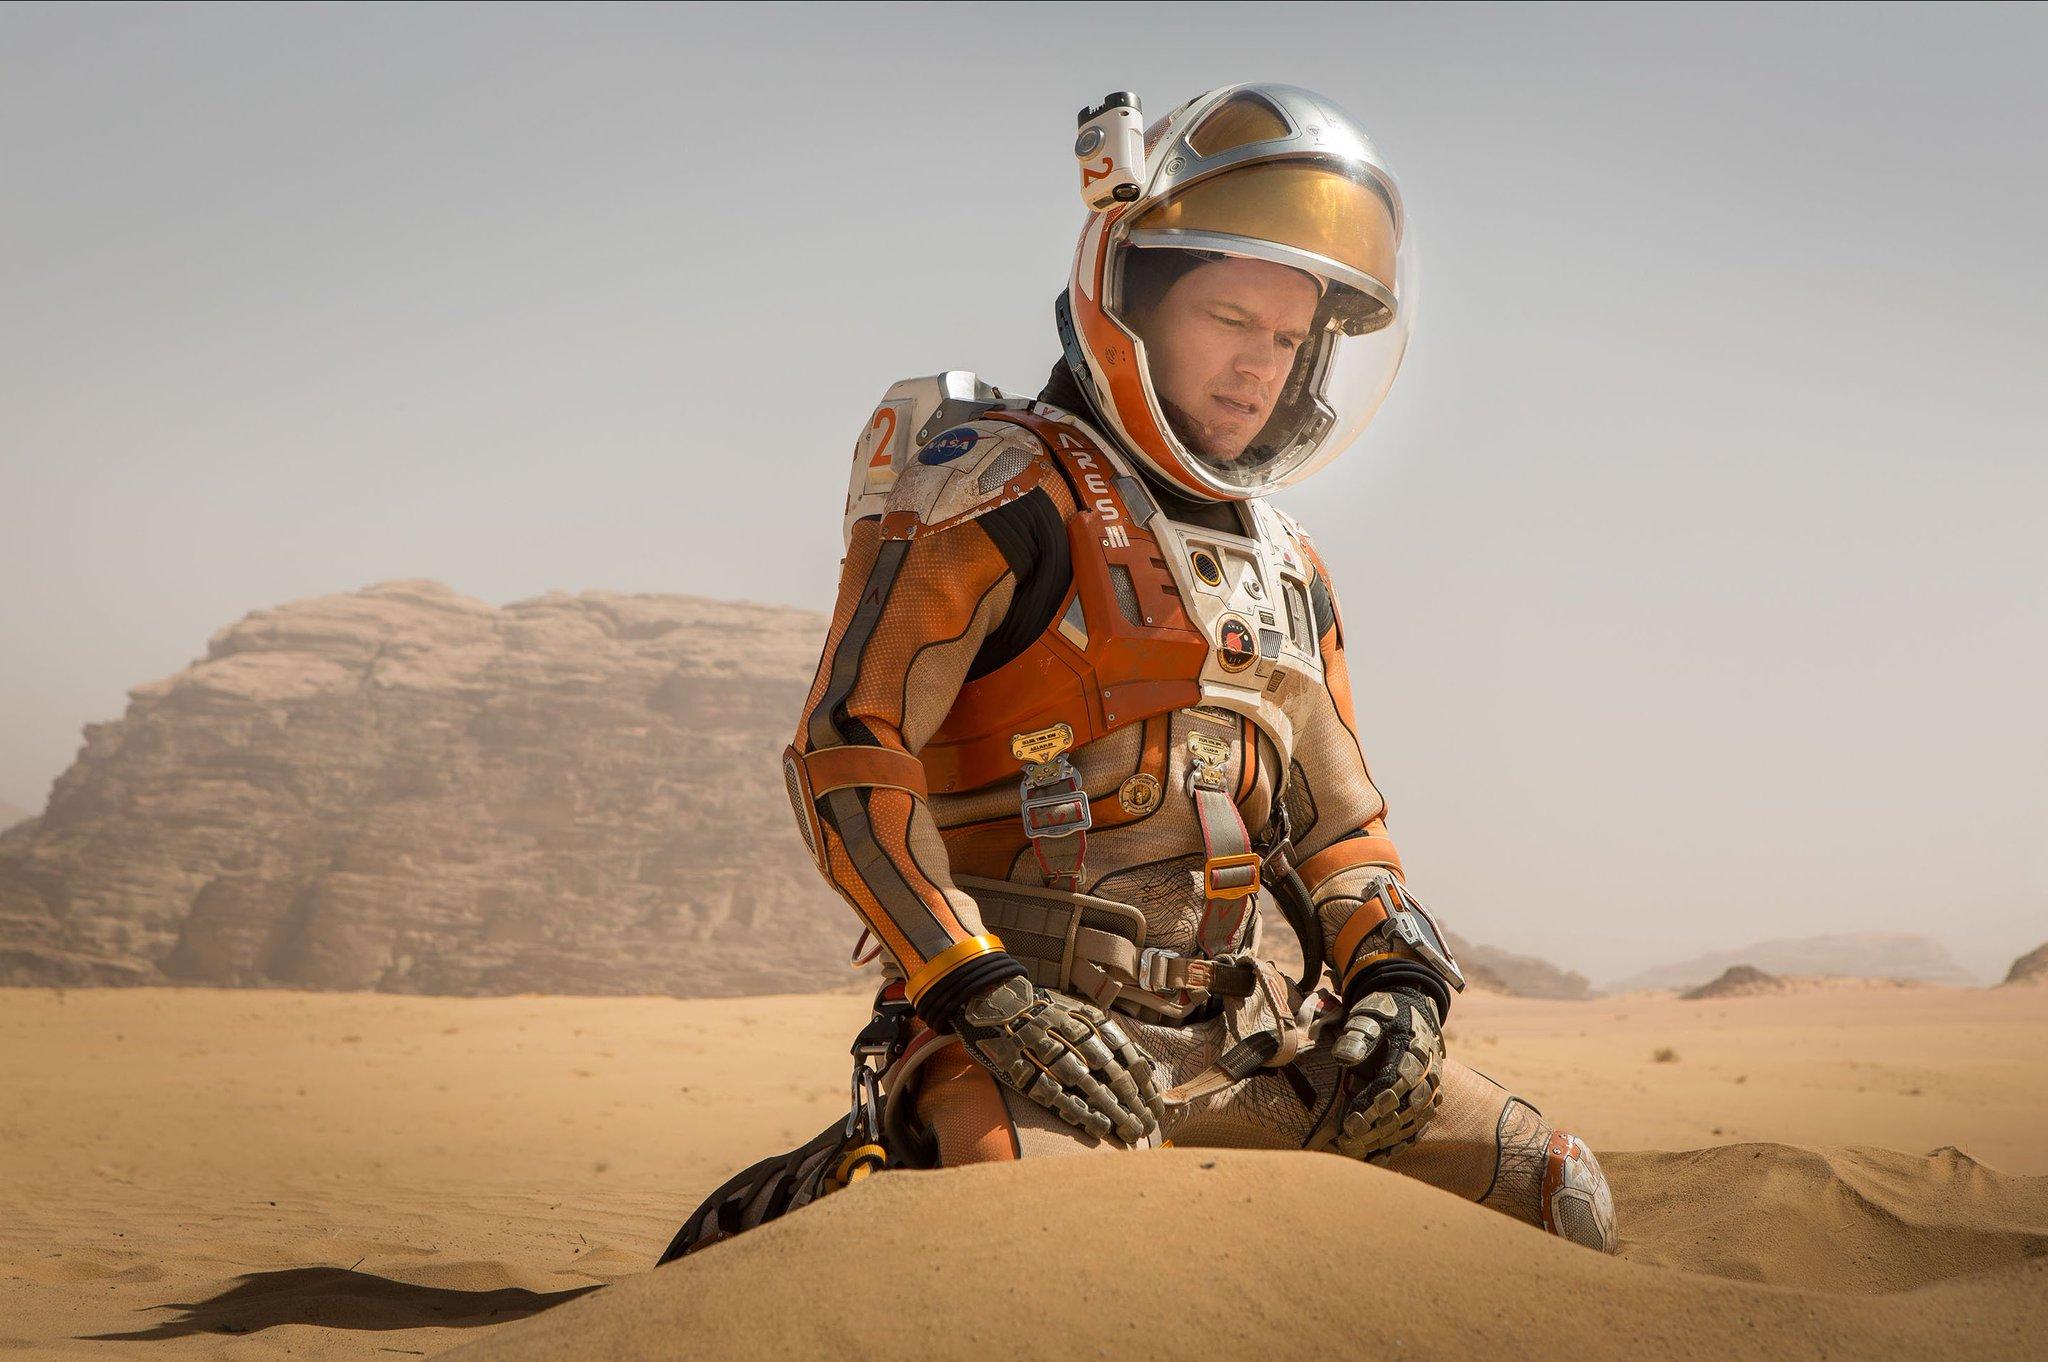 Как создавался «Марсианин» Ридли Скотта— один изглавных научно‑фантастических фильмов последнего времени ht… https://t.co/O0YS6avb0h